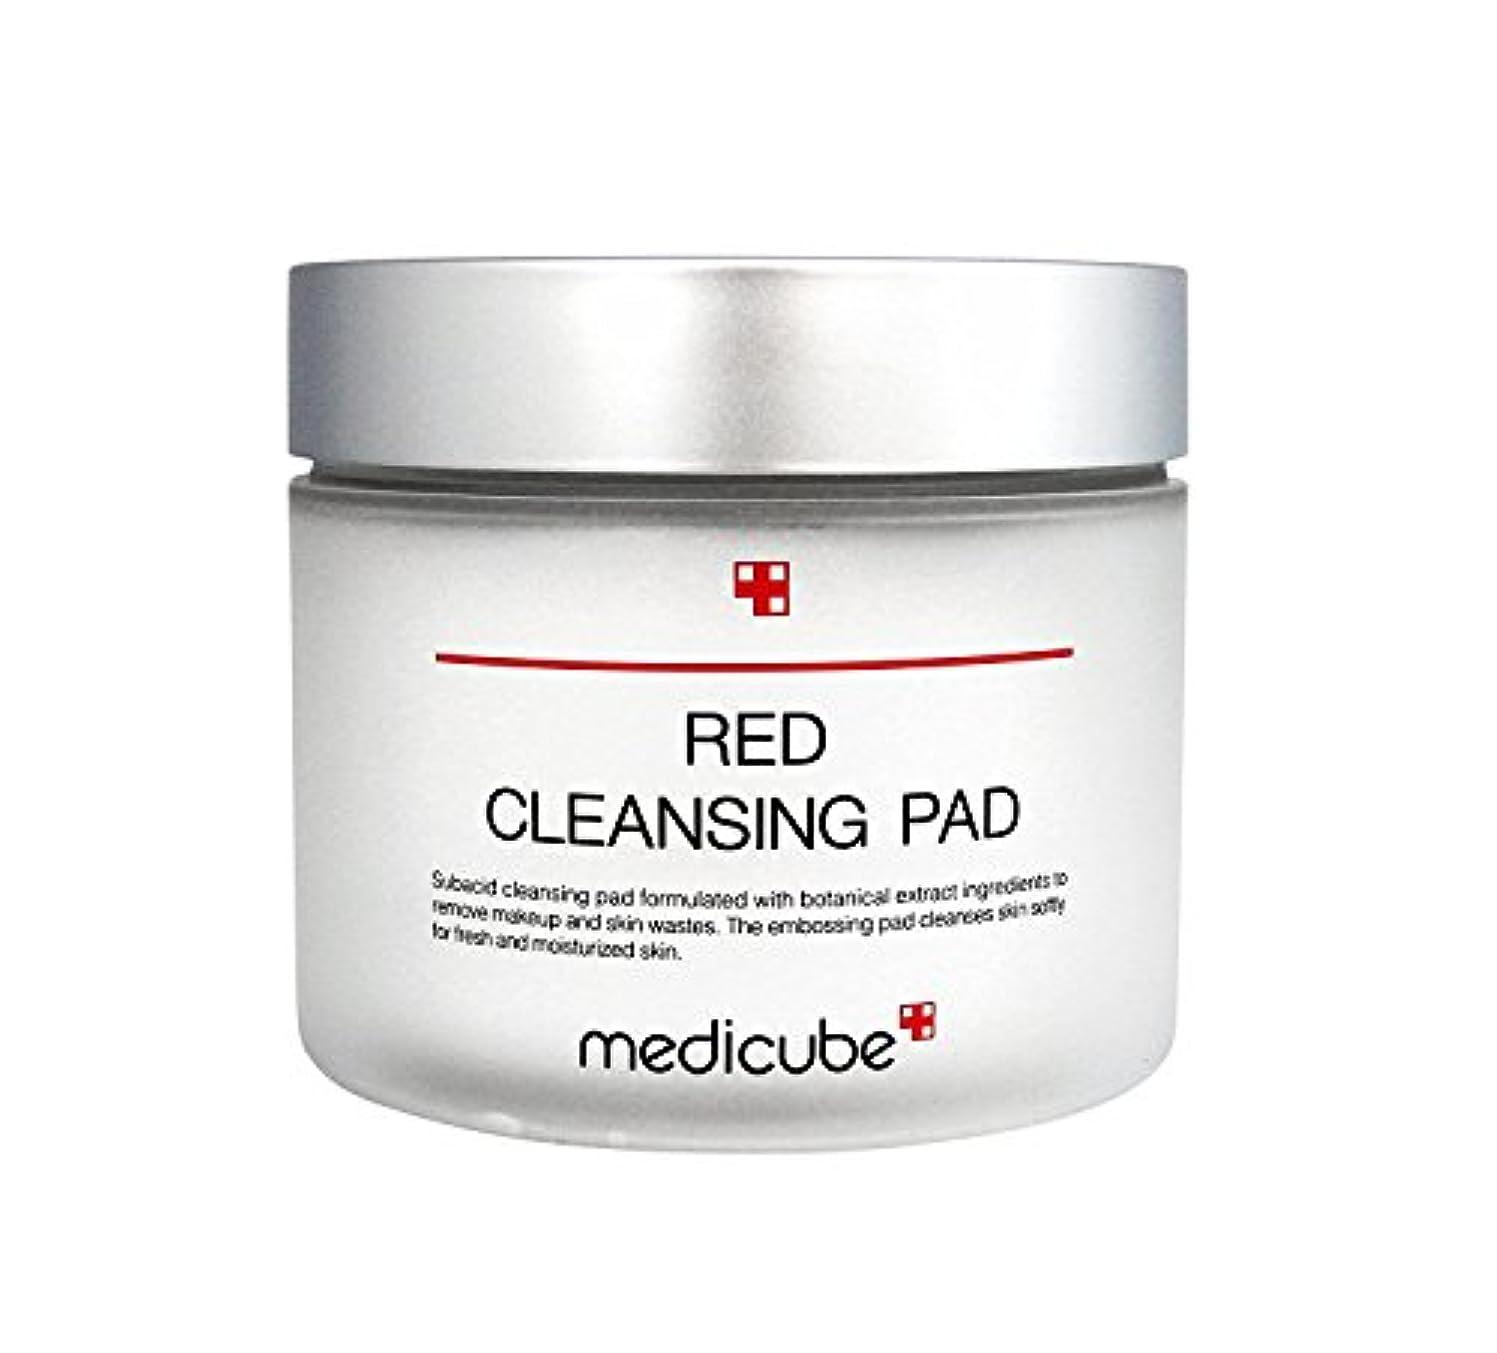 フルーツ大使追放RED CLEANSING PAD